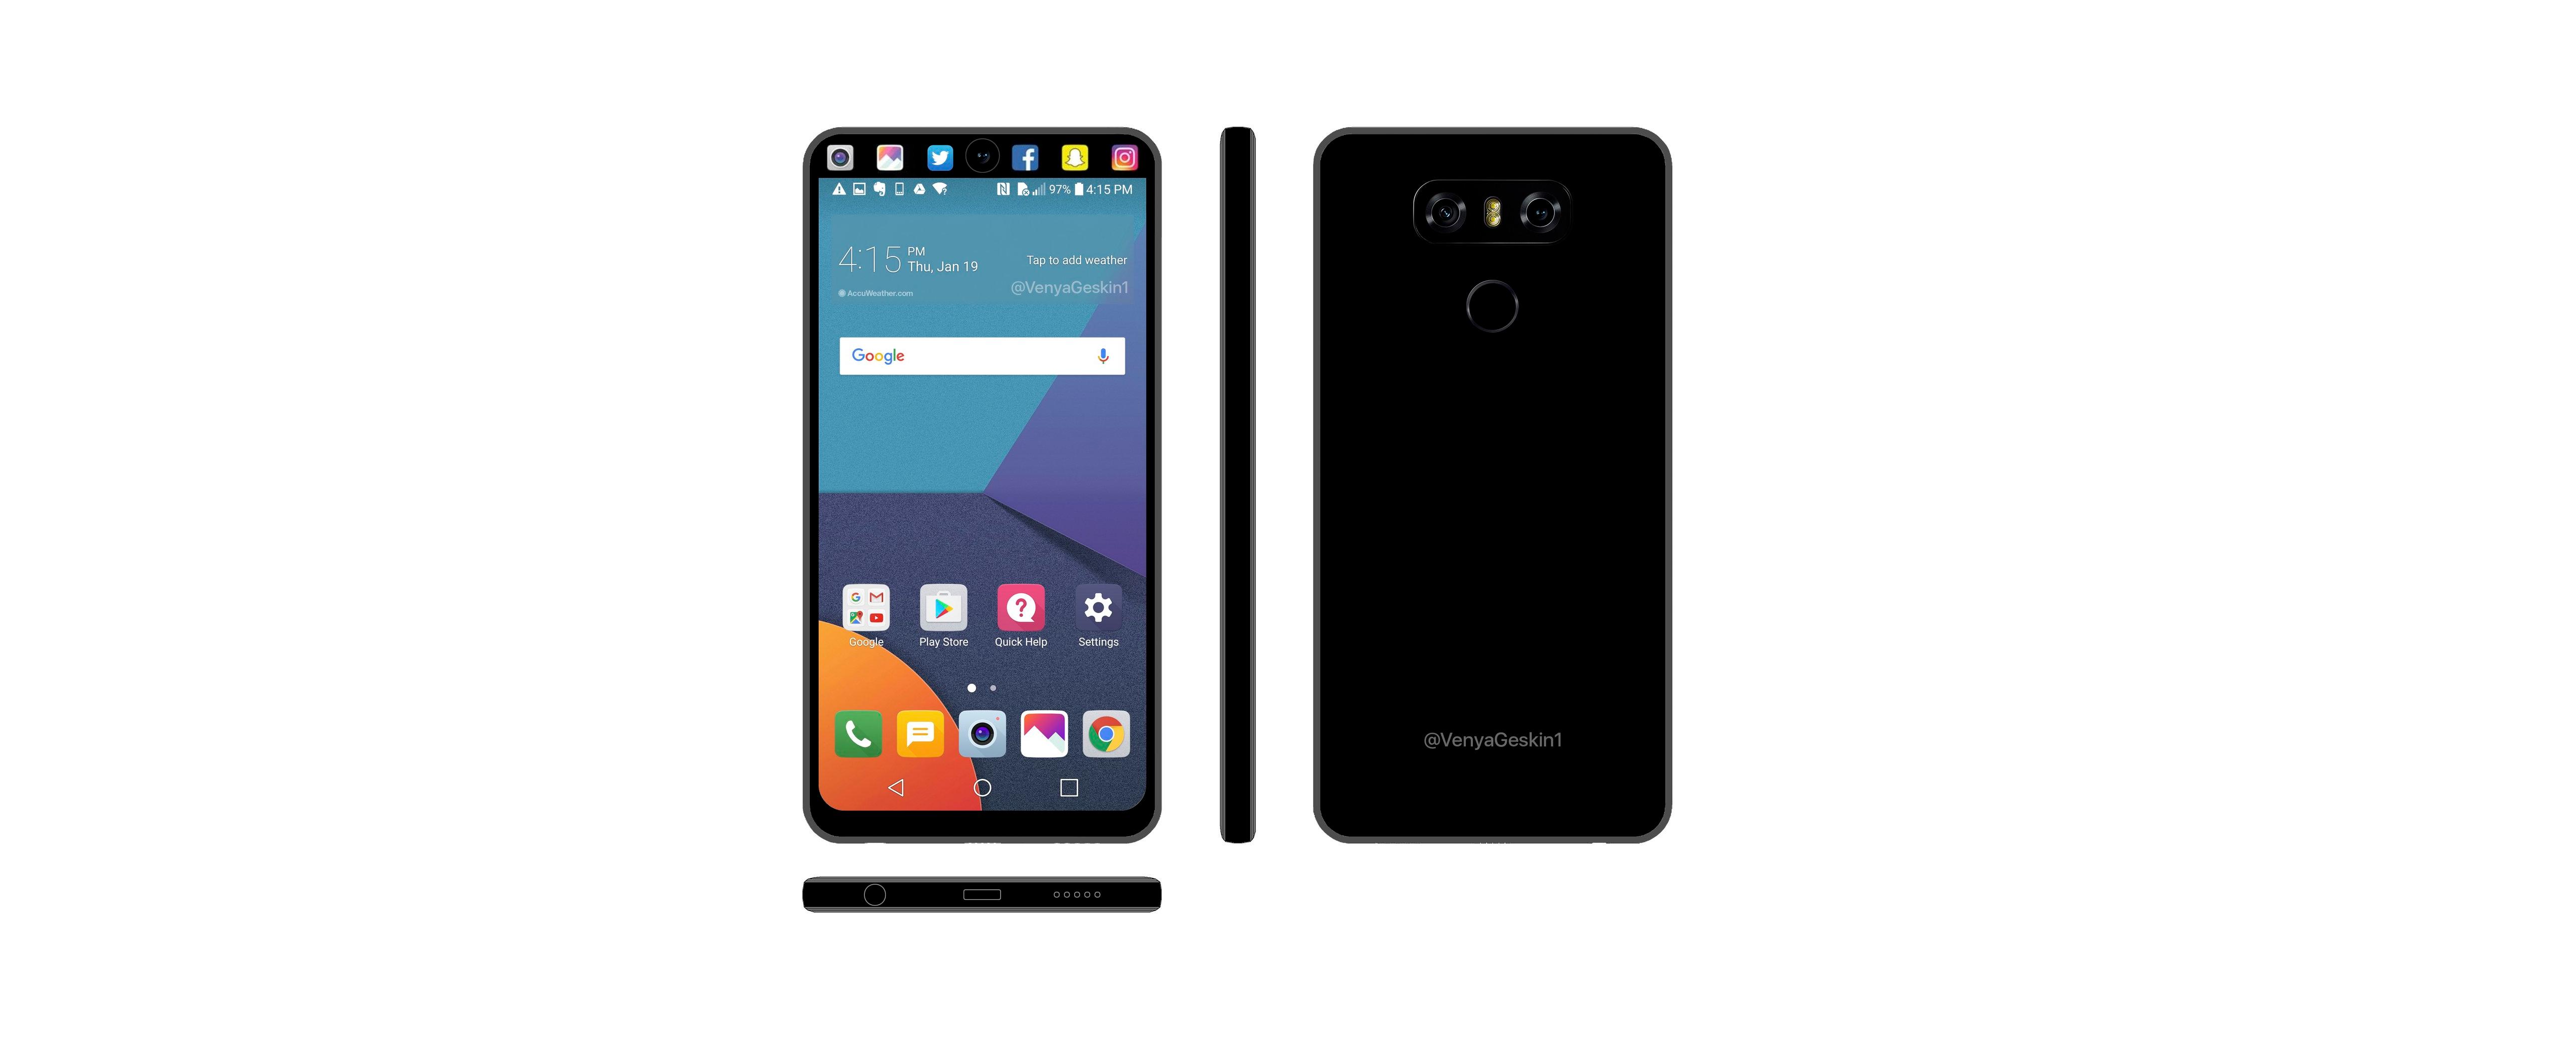 ال جی گوشیهای V30 و V30 Plus را در تاریخ 16 شهریور عرضه خواهد کرد